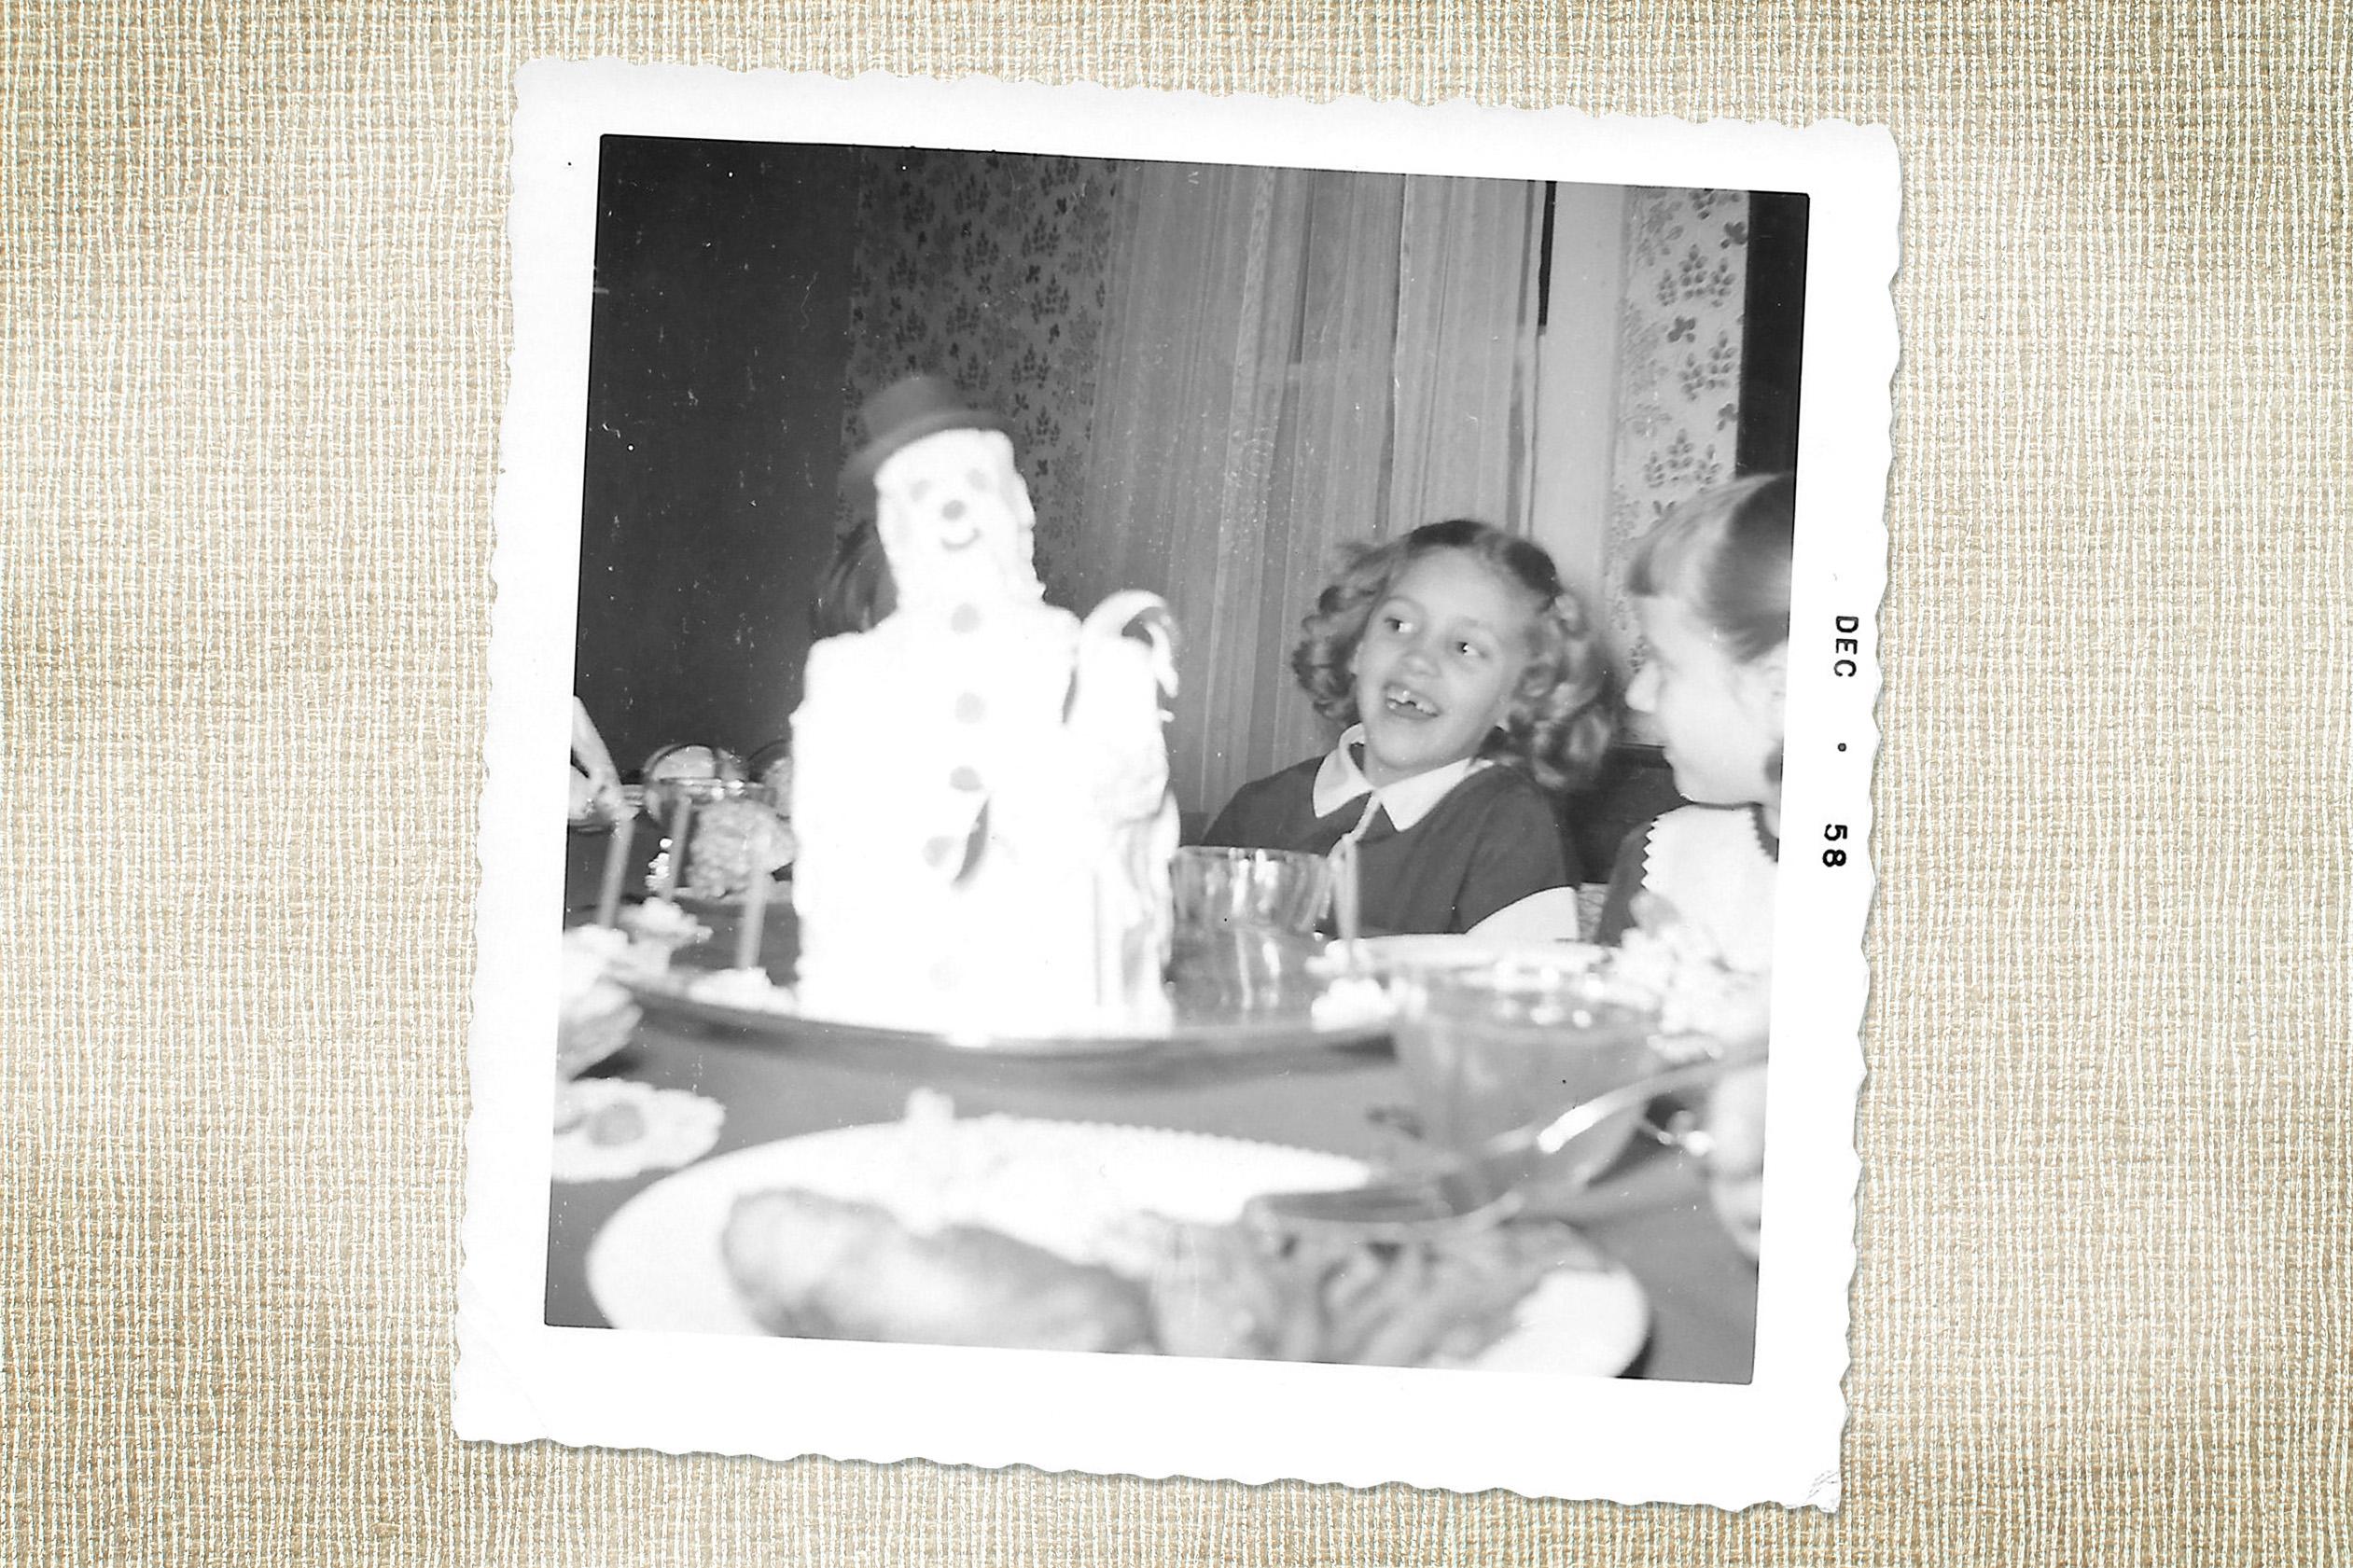 mw+gf birthday cake celebration